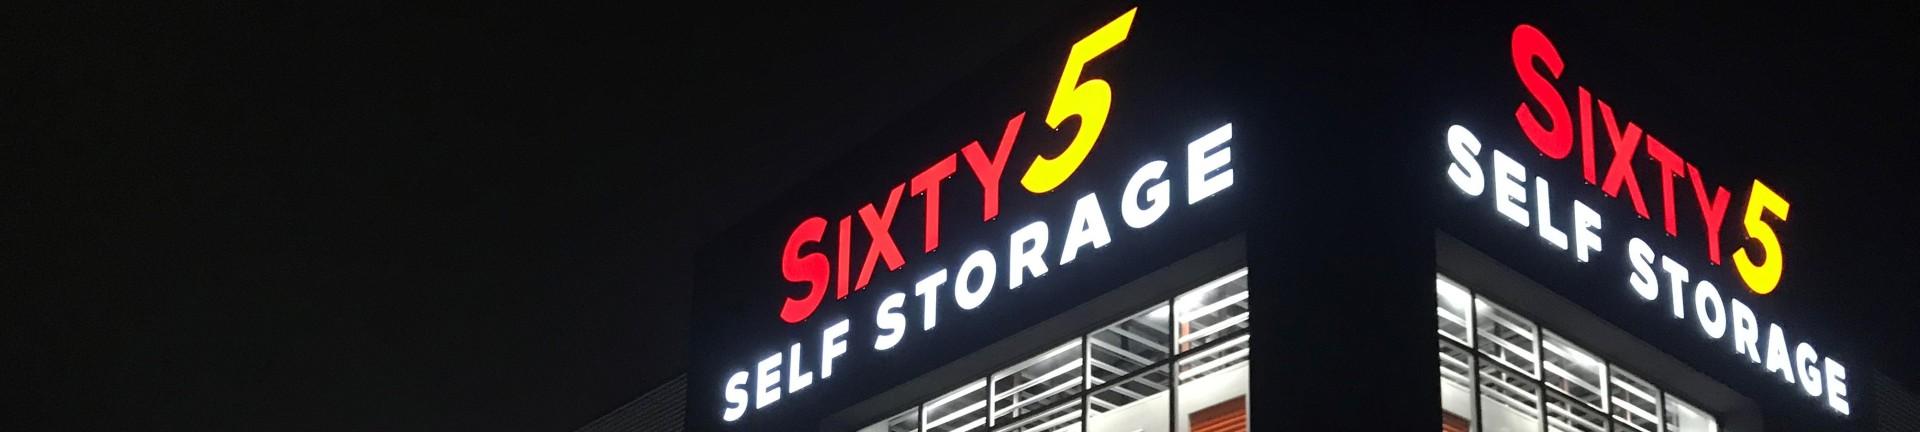 sixty5 self storage night